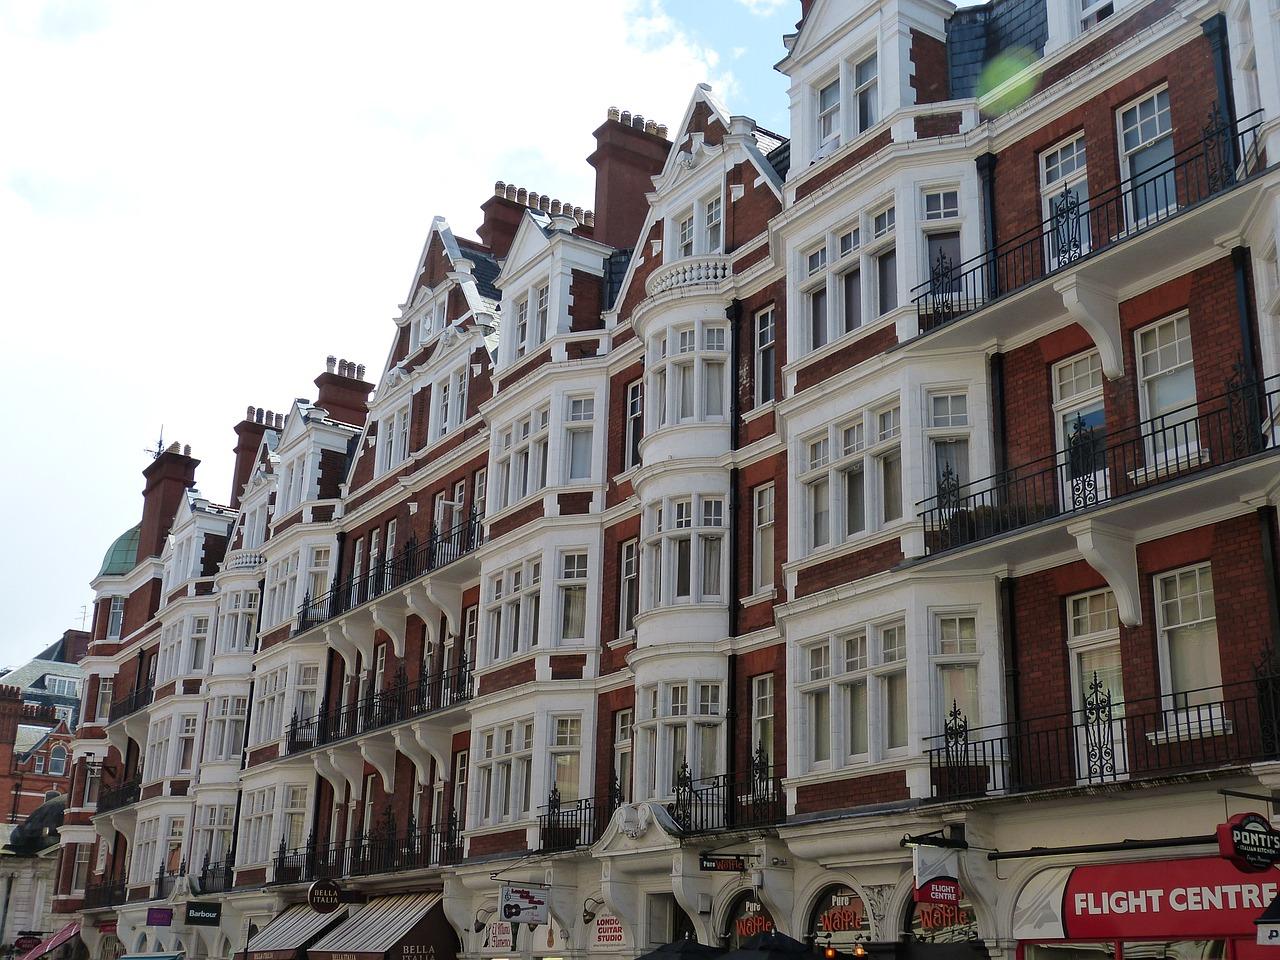 london-700858_1280